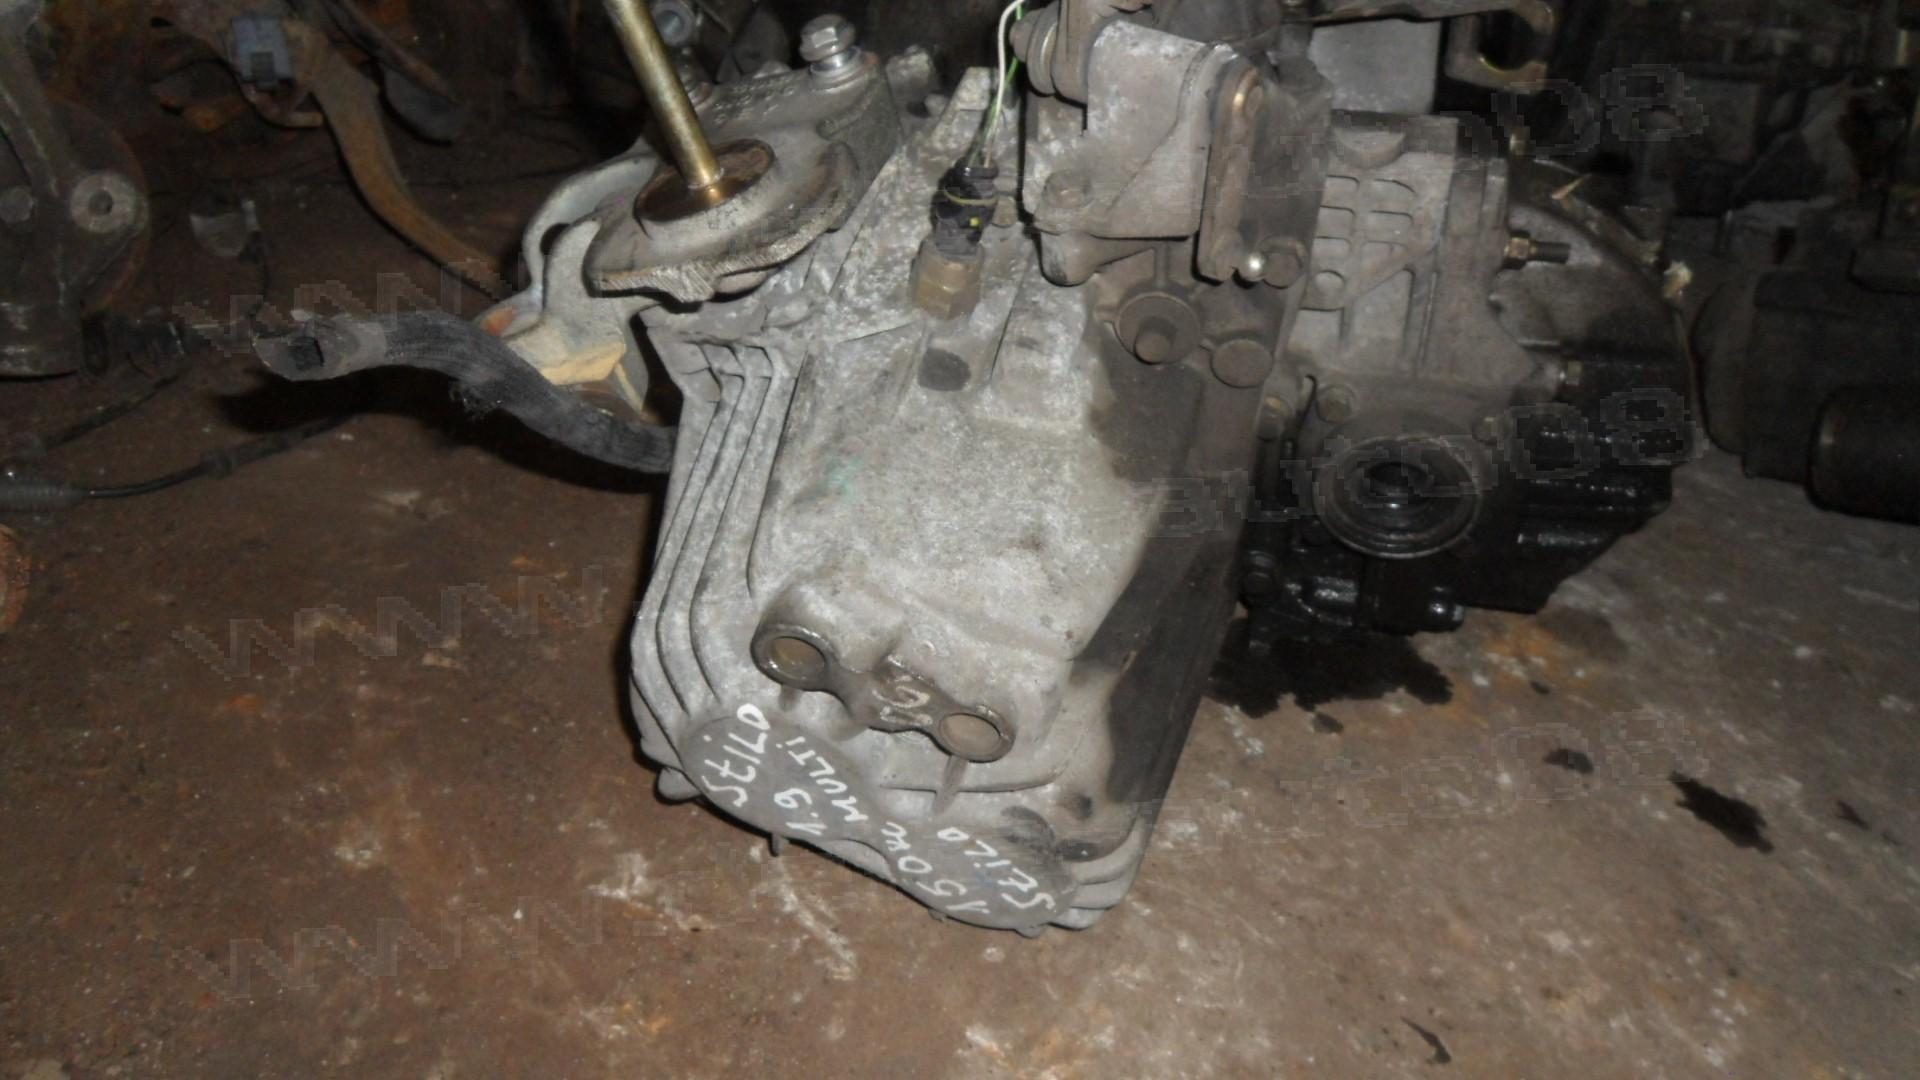 Ръчна скоростна кутия за Fiat Stilo, Bravo, Alfa Romeo 147. 156, 1.9 JTD, 150к.с., 46433289, 46808488